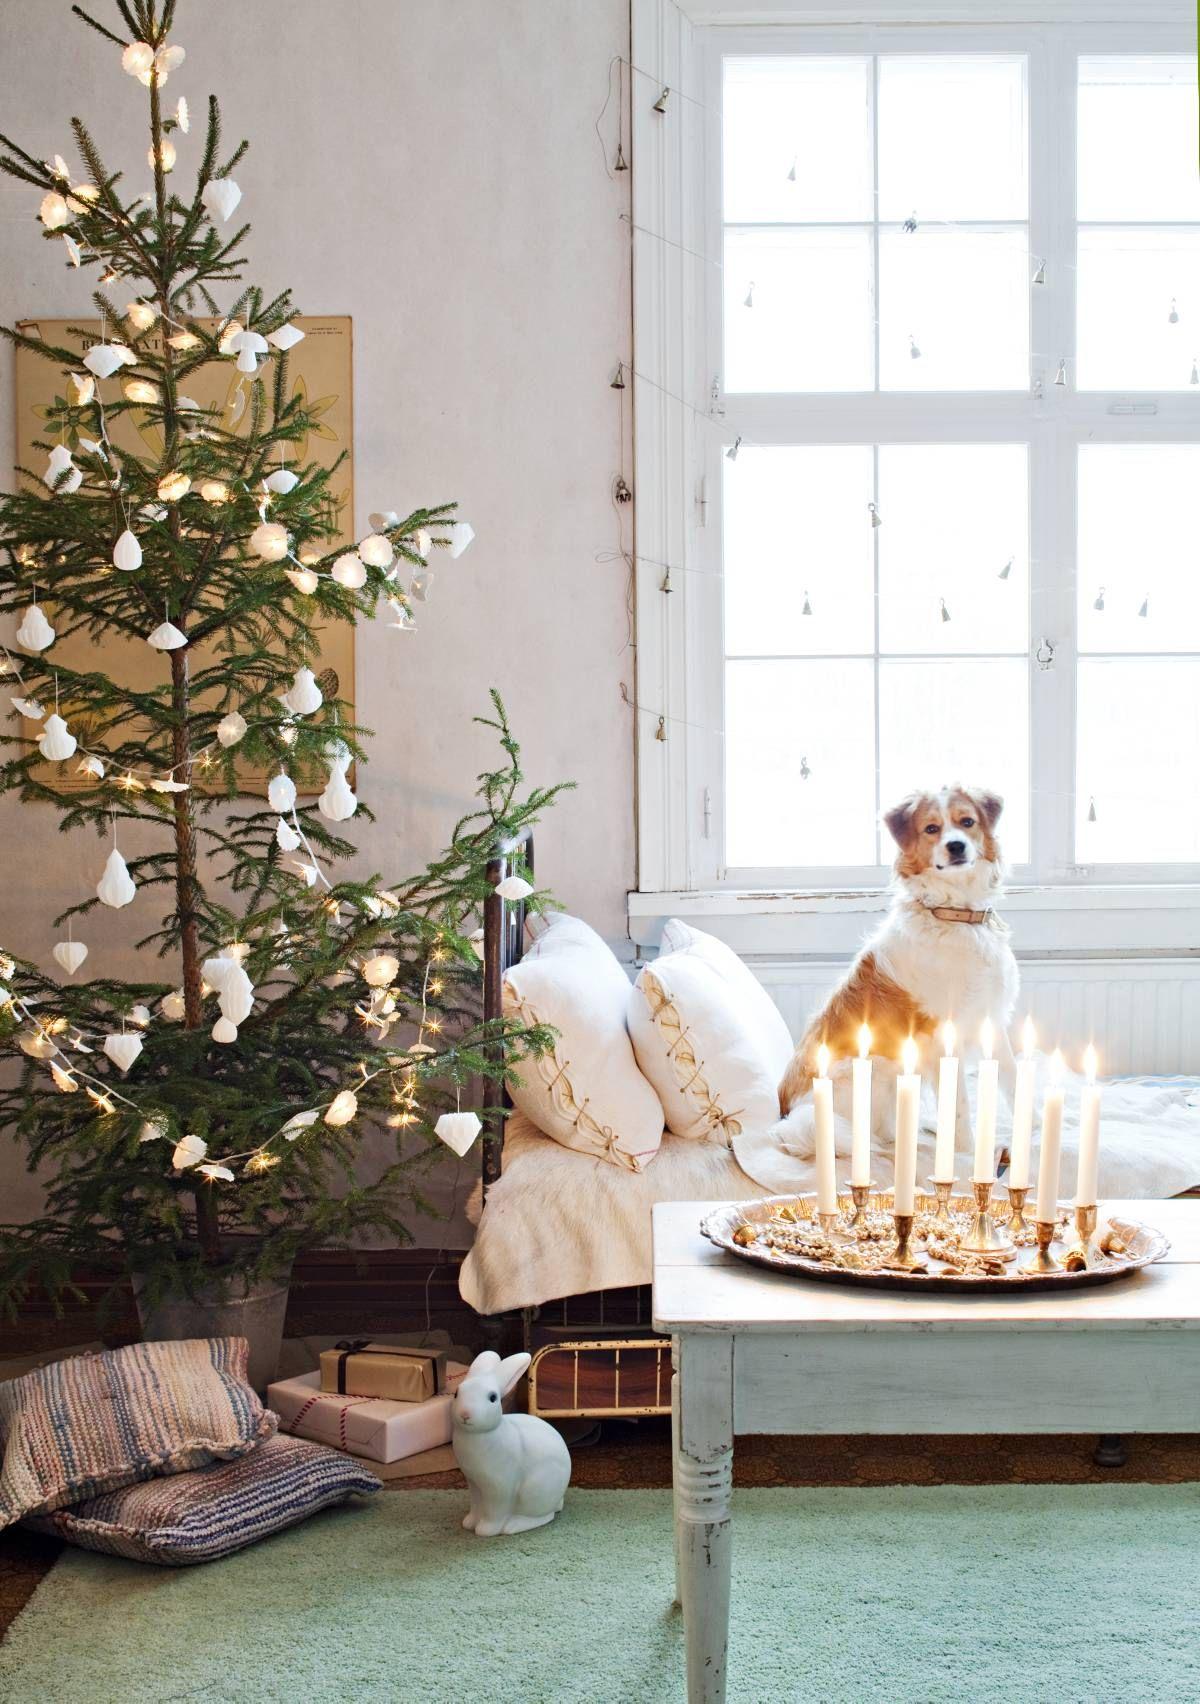 Olohuoneessa on kolme sohvaa. Penni-koira viihtyy vanhan tavaran myymälästä ostetulla rautasängyllä. Tyynynpäälliset on tehty vanhoista keittiöpyyhkeistä, purjerenkaista ja pellavanarusta. Kuusenjalkana on sinkkiämpäri. Sen sisällä on laudanpala, johon poratun reiän ansiosta kuusi pysyy pystyssä. Pupulamppu on Pennin yövalo.